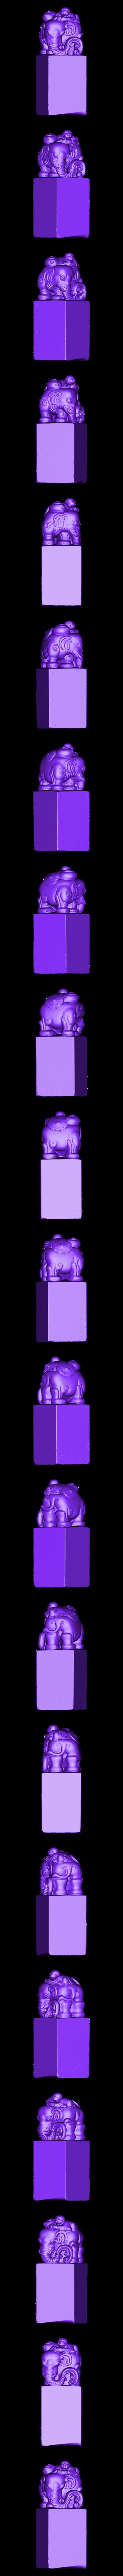 elephantsAndChild.obj Télécharger fichier OBJ gratuit éléphant de mer • Objet pour impression 3D, stlfilesfree